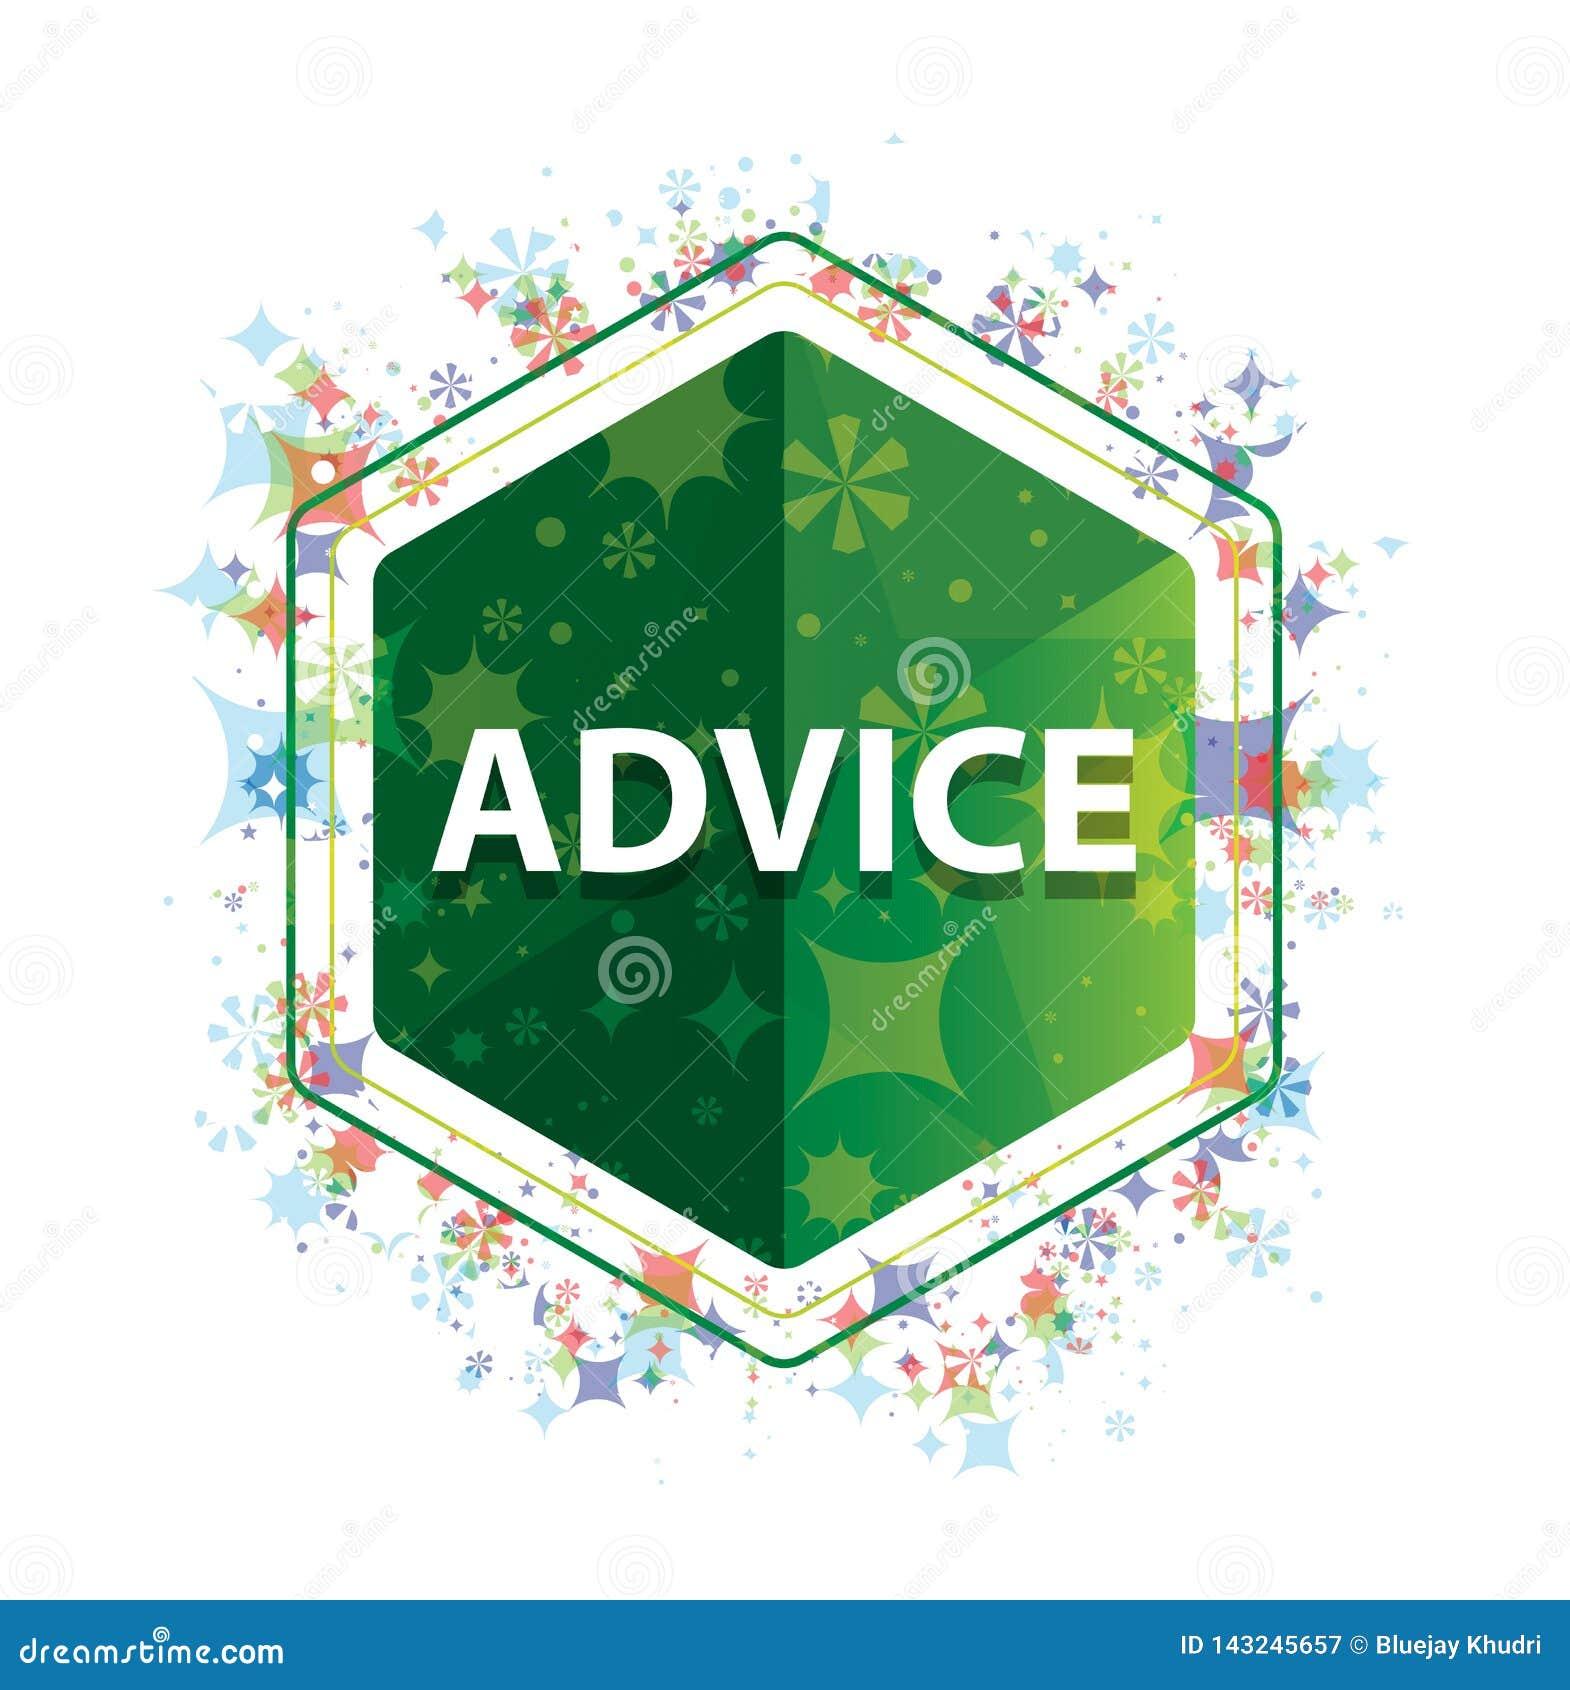 忠告花卉植物样式绿色六角形按钮